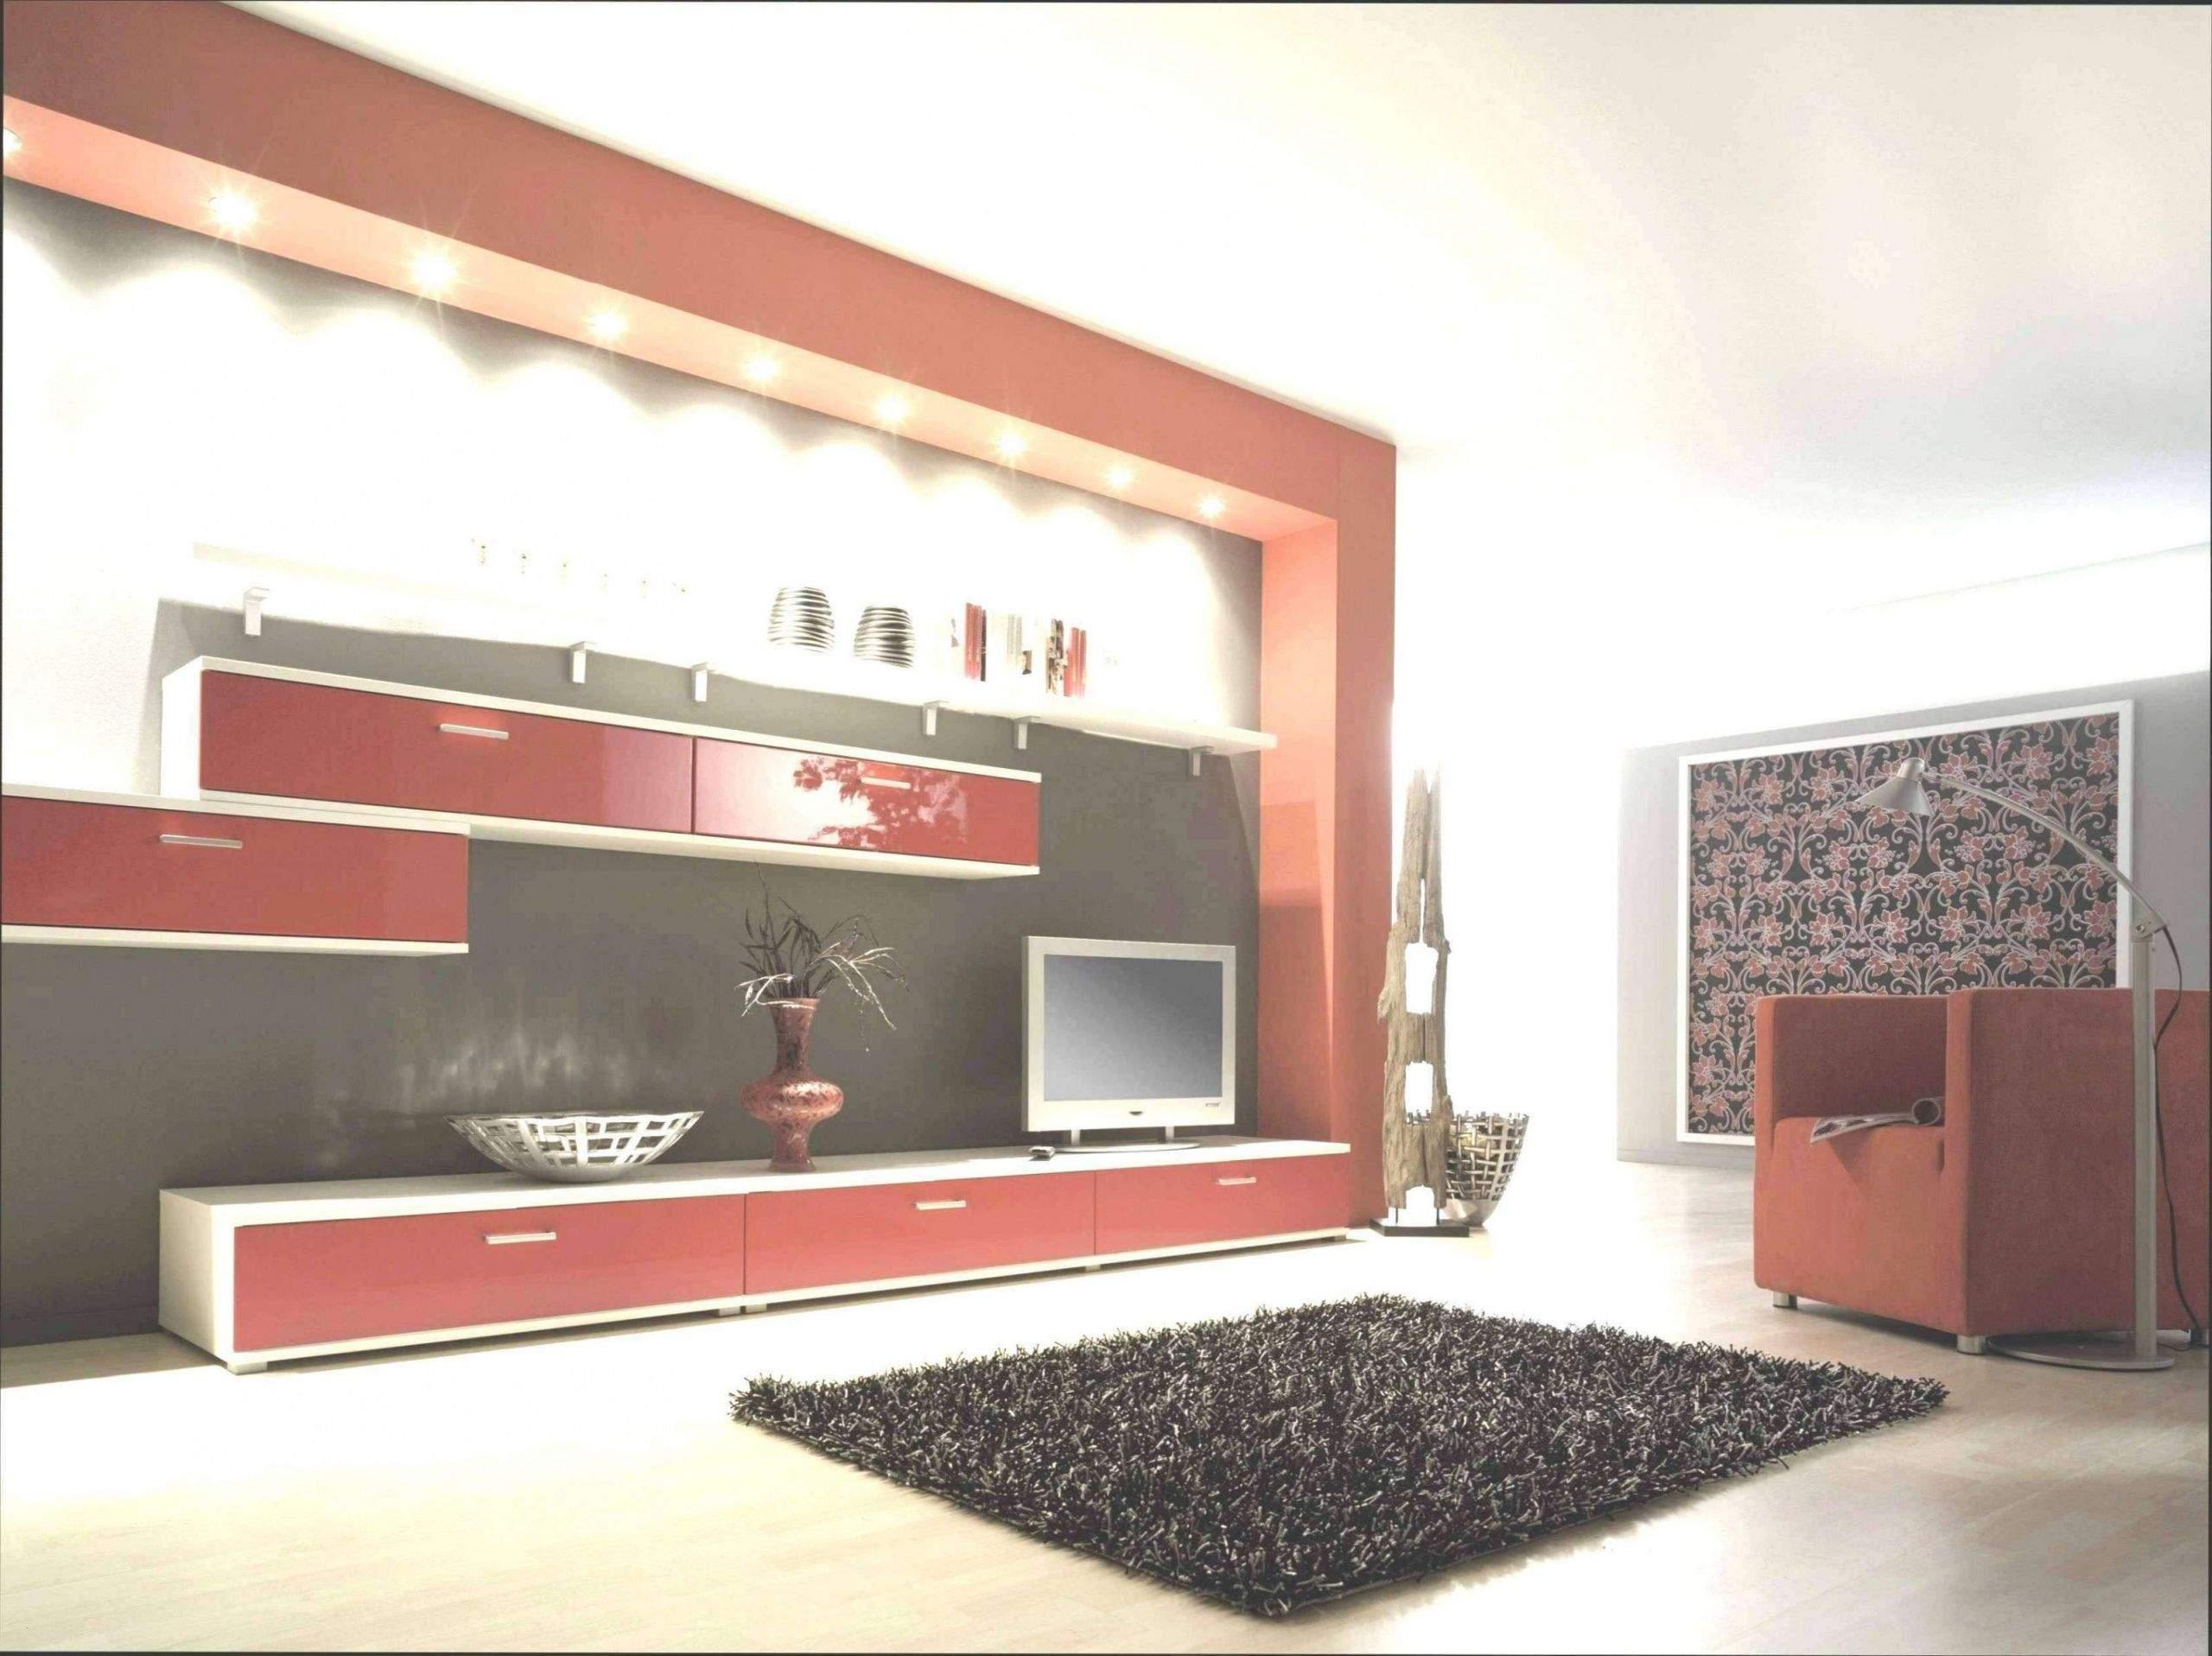 wanddeko fur wohnzimmer frisch wandtattoos fur kinderzimmer inspirierend pflanzen fur of wanddeko fur wohnzimmer scaled